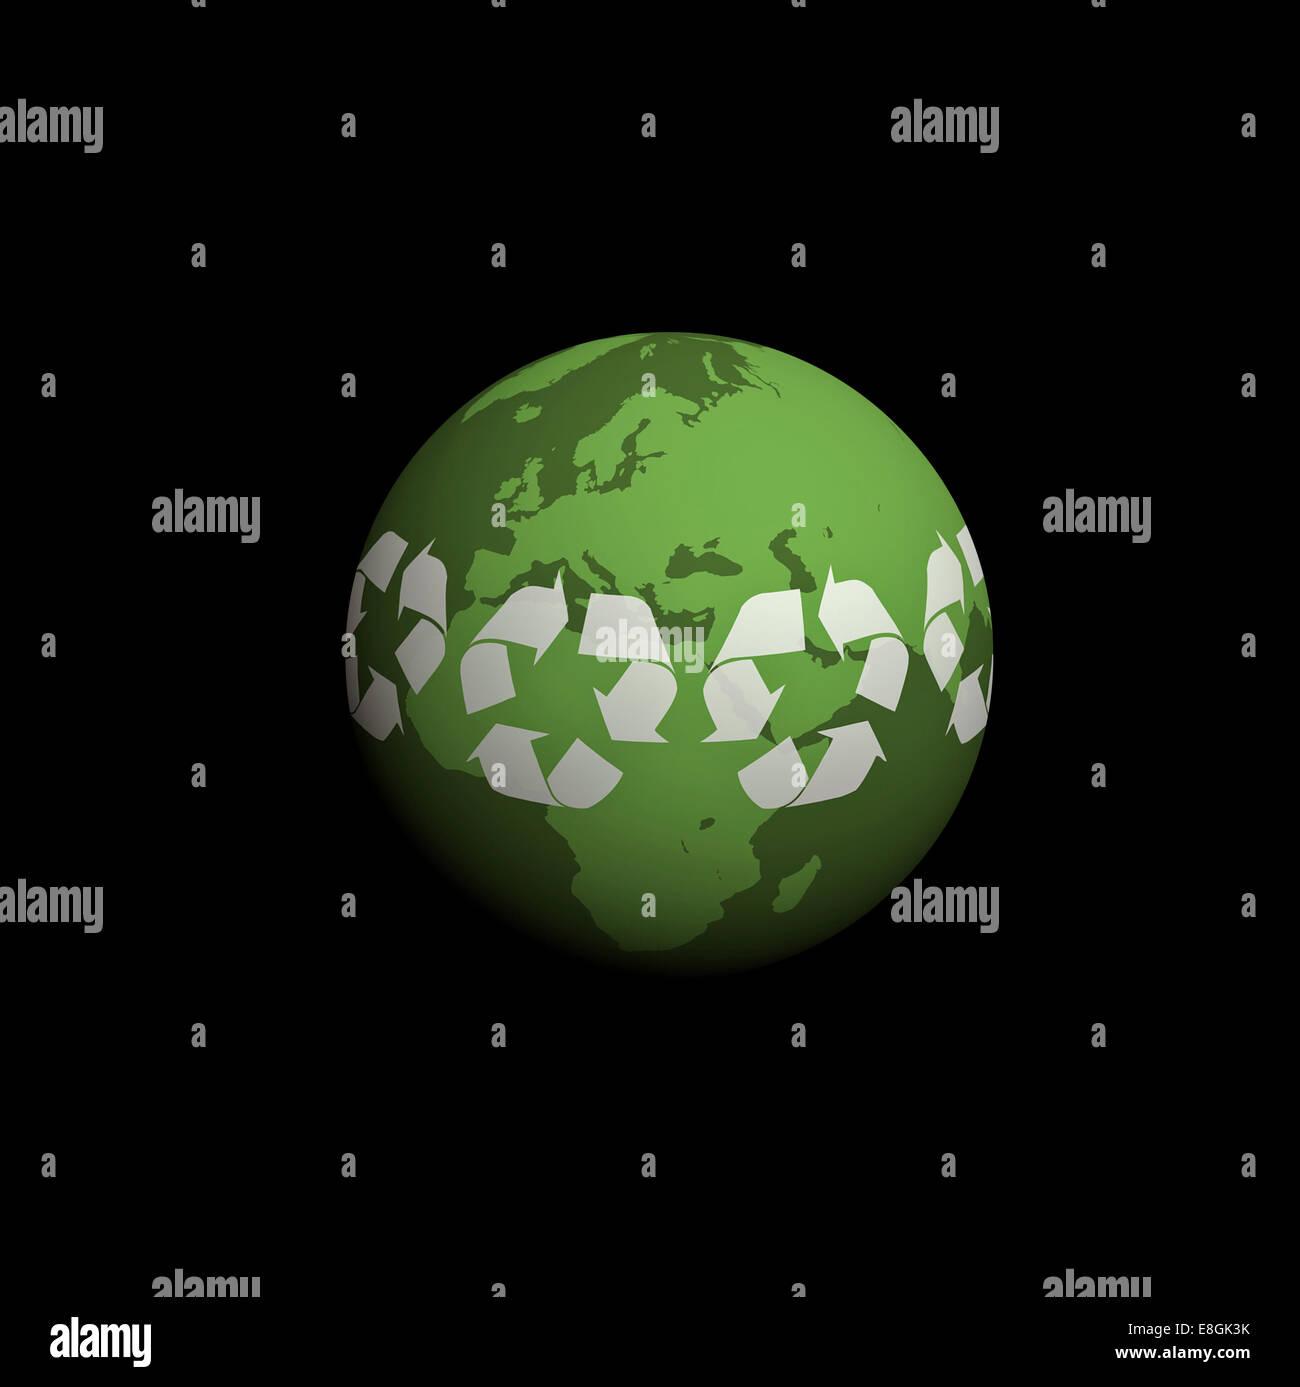 Imagen generada digitalmente del planeta Tierra, planeta verde Imagen De Stock